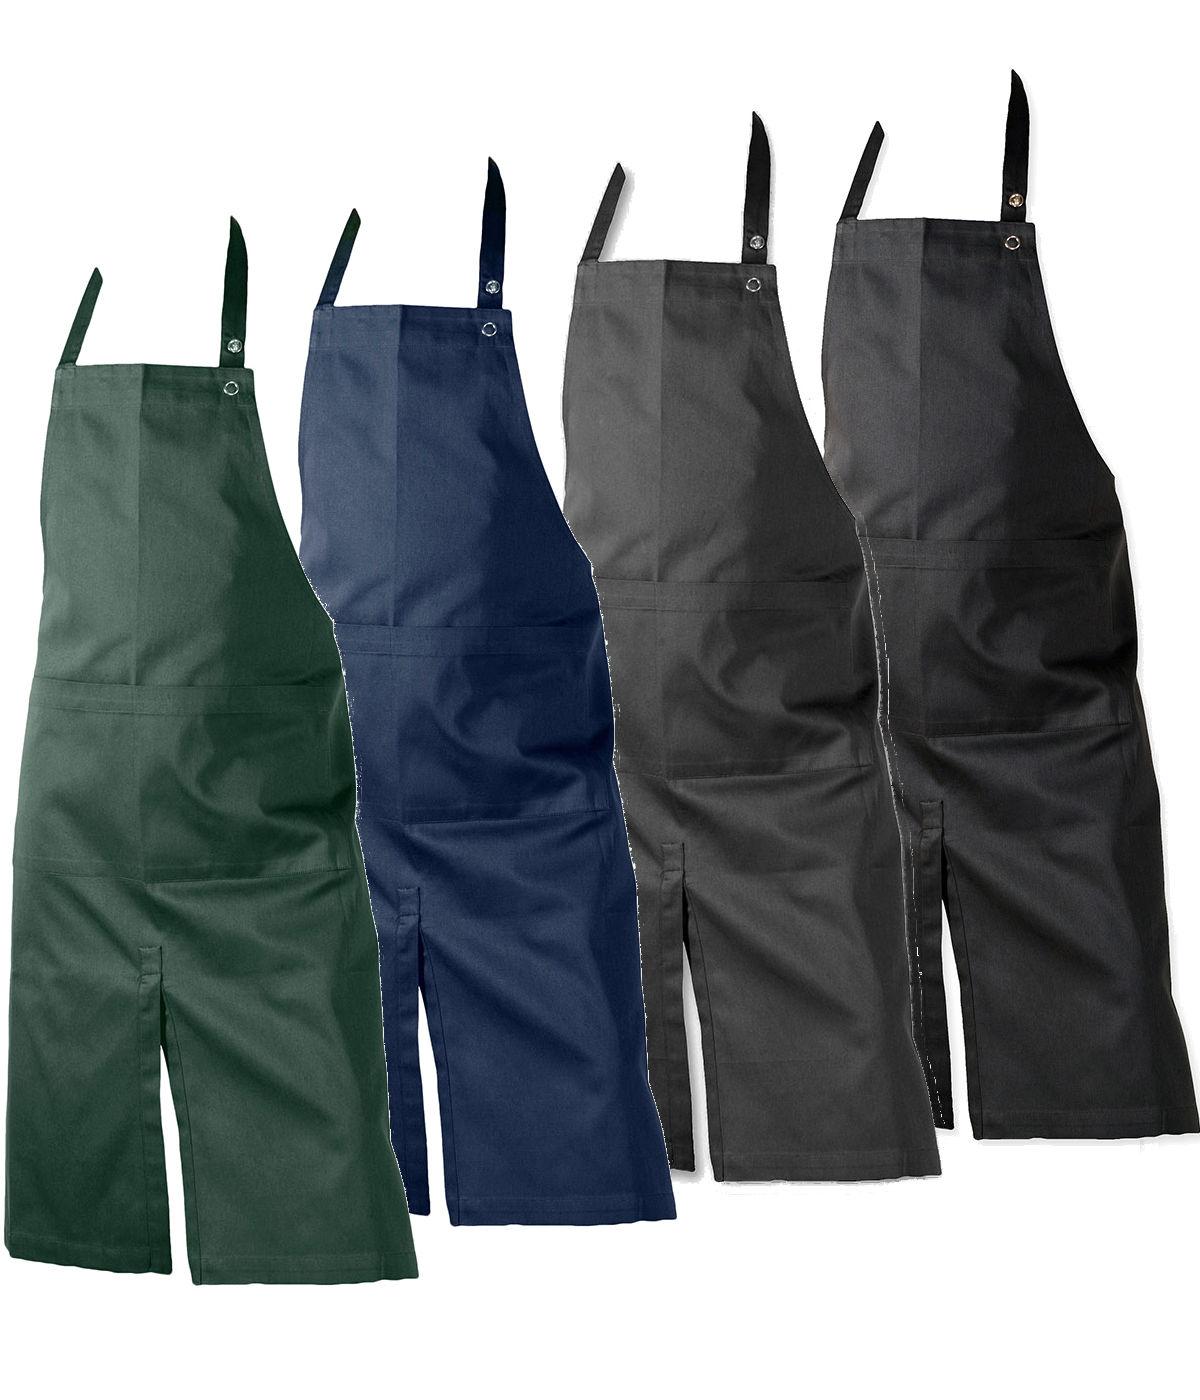 Et fantastisk flot stofforklæde til cafe - restaurant - forretning og mange flere